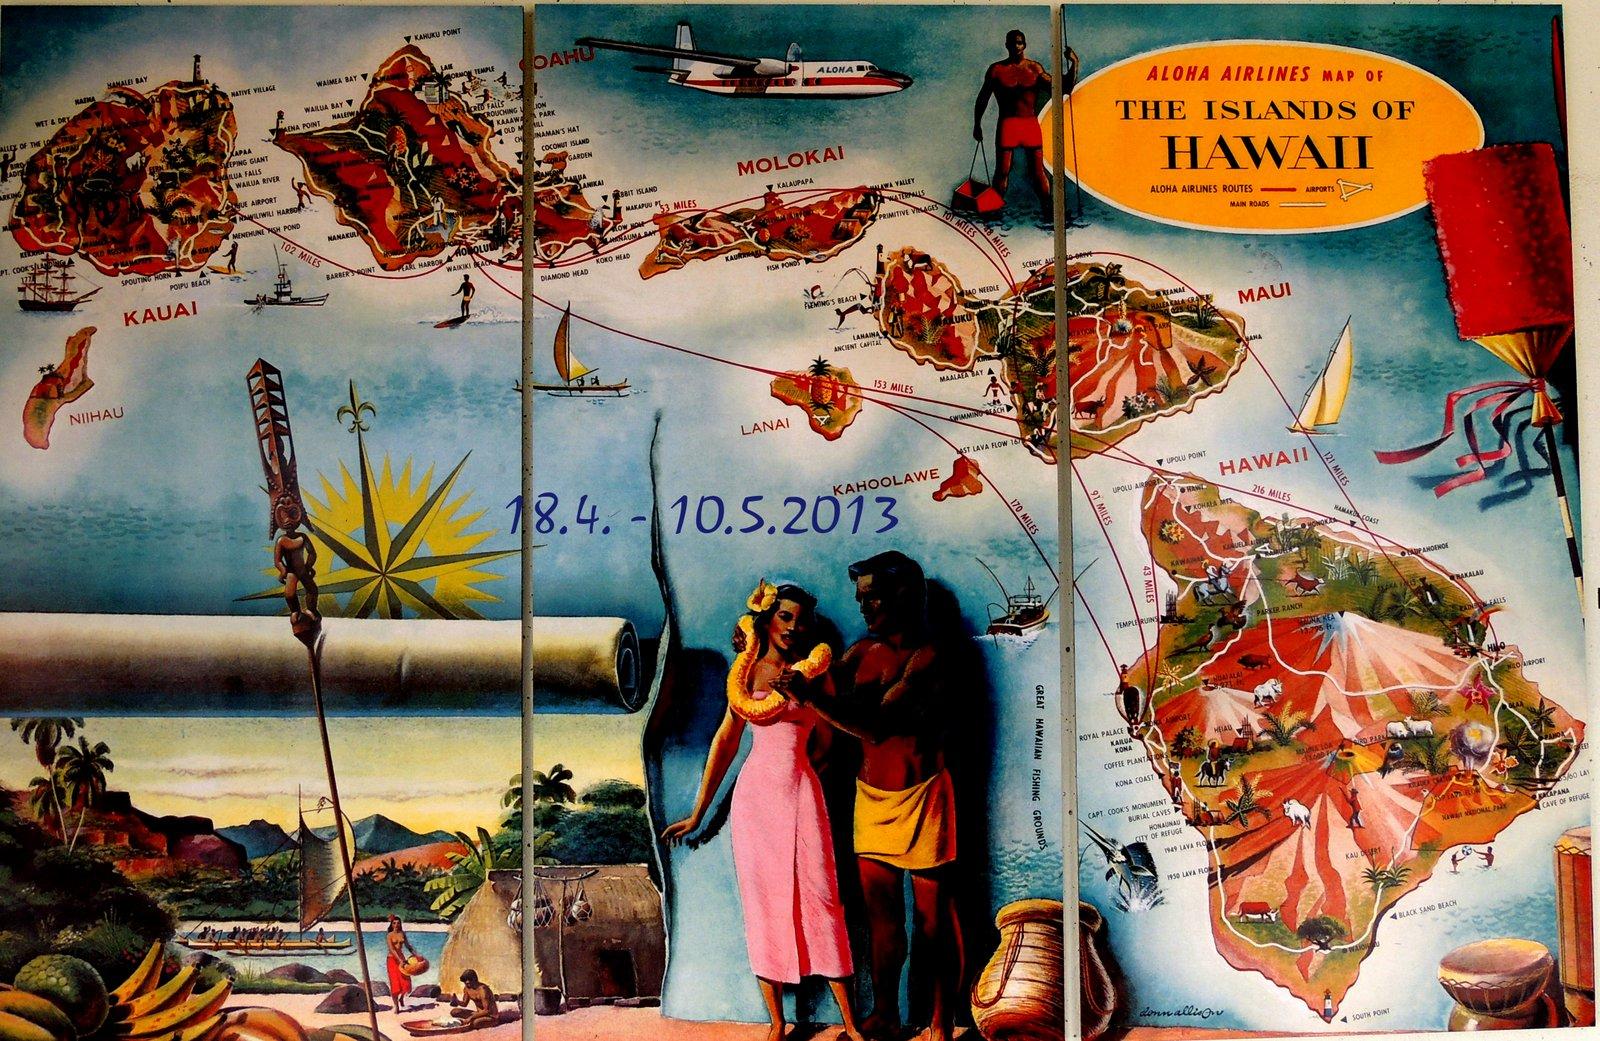 Karte der Hawaii-Inseln am Flughafen von Honolu